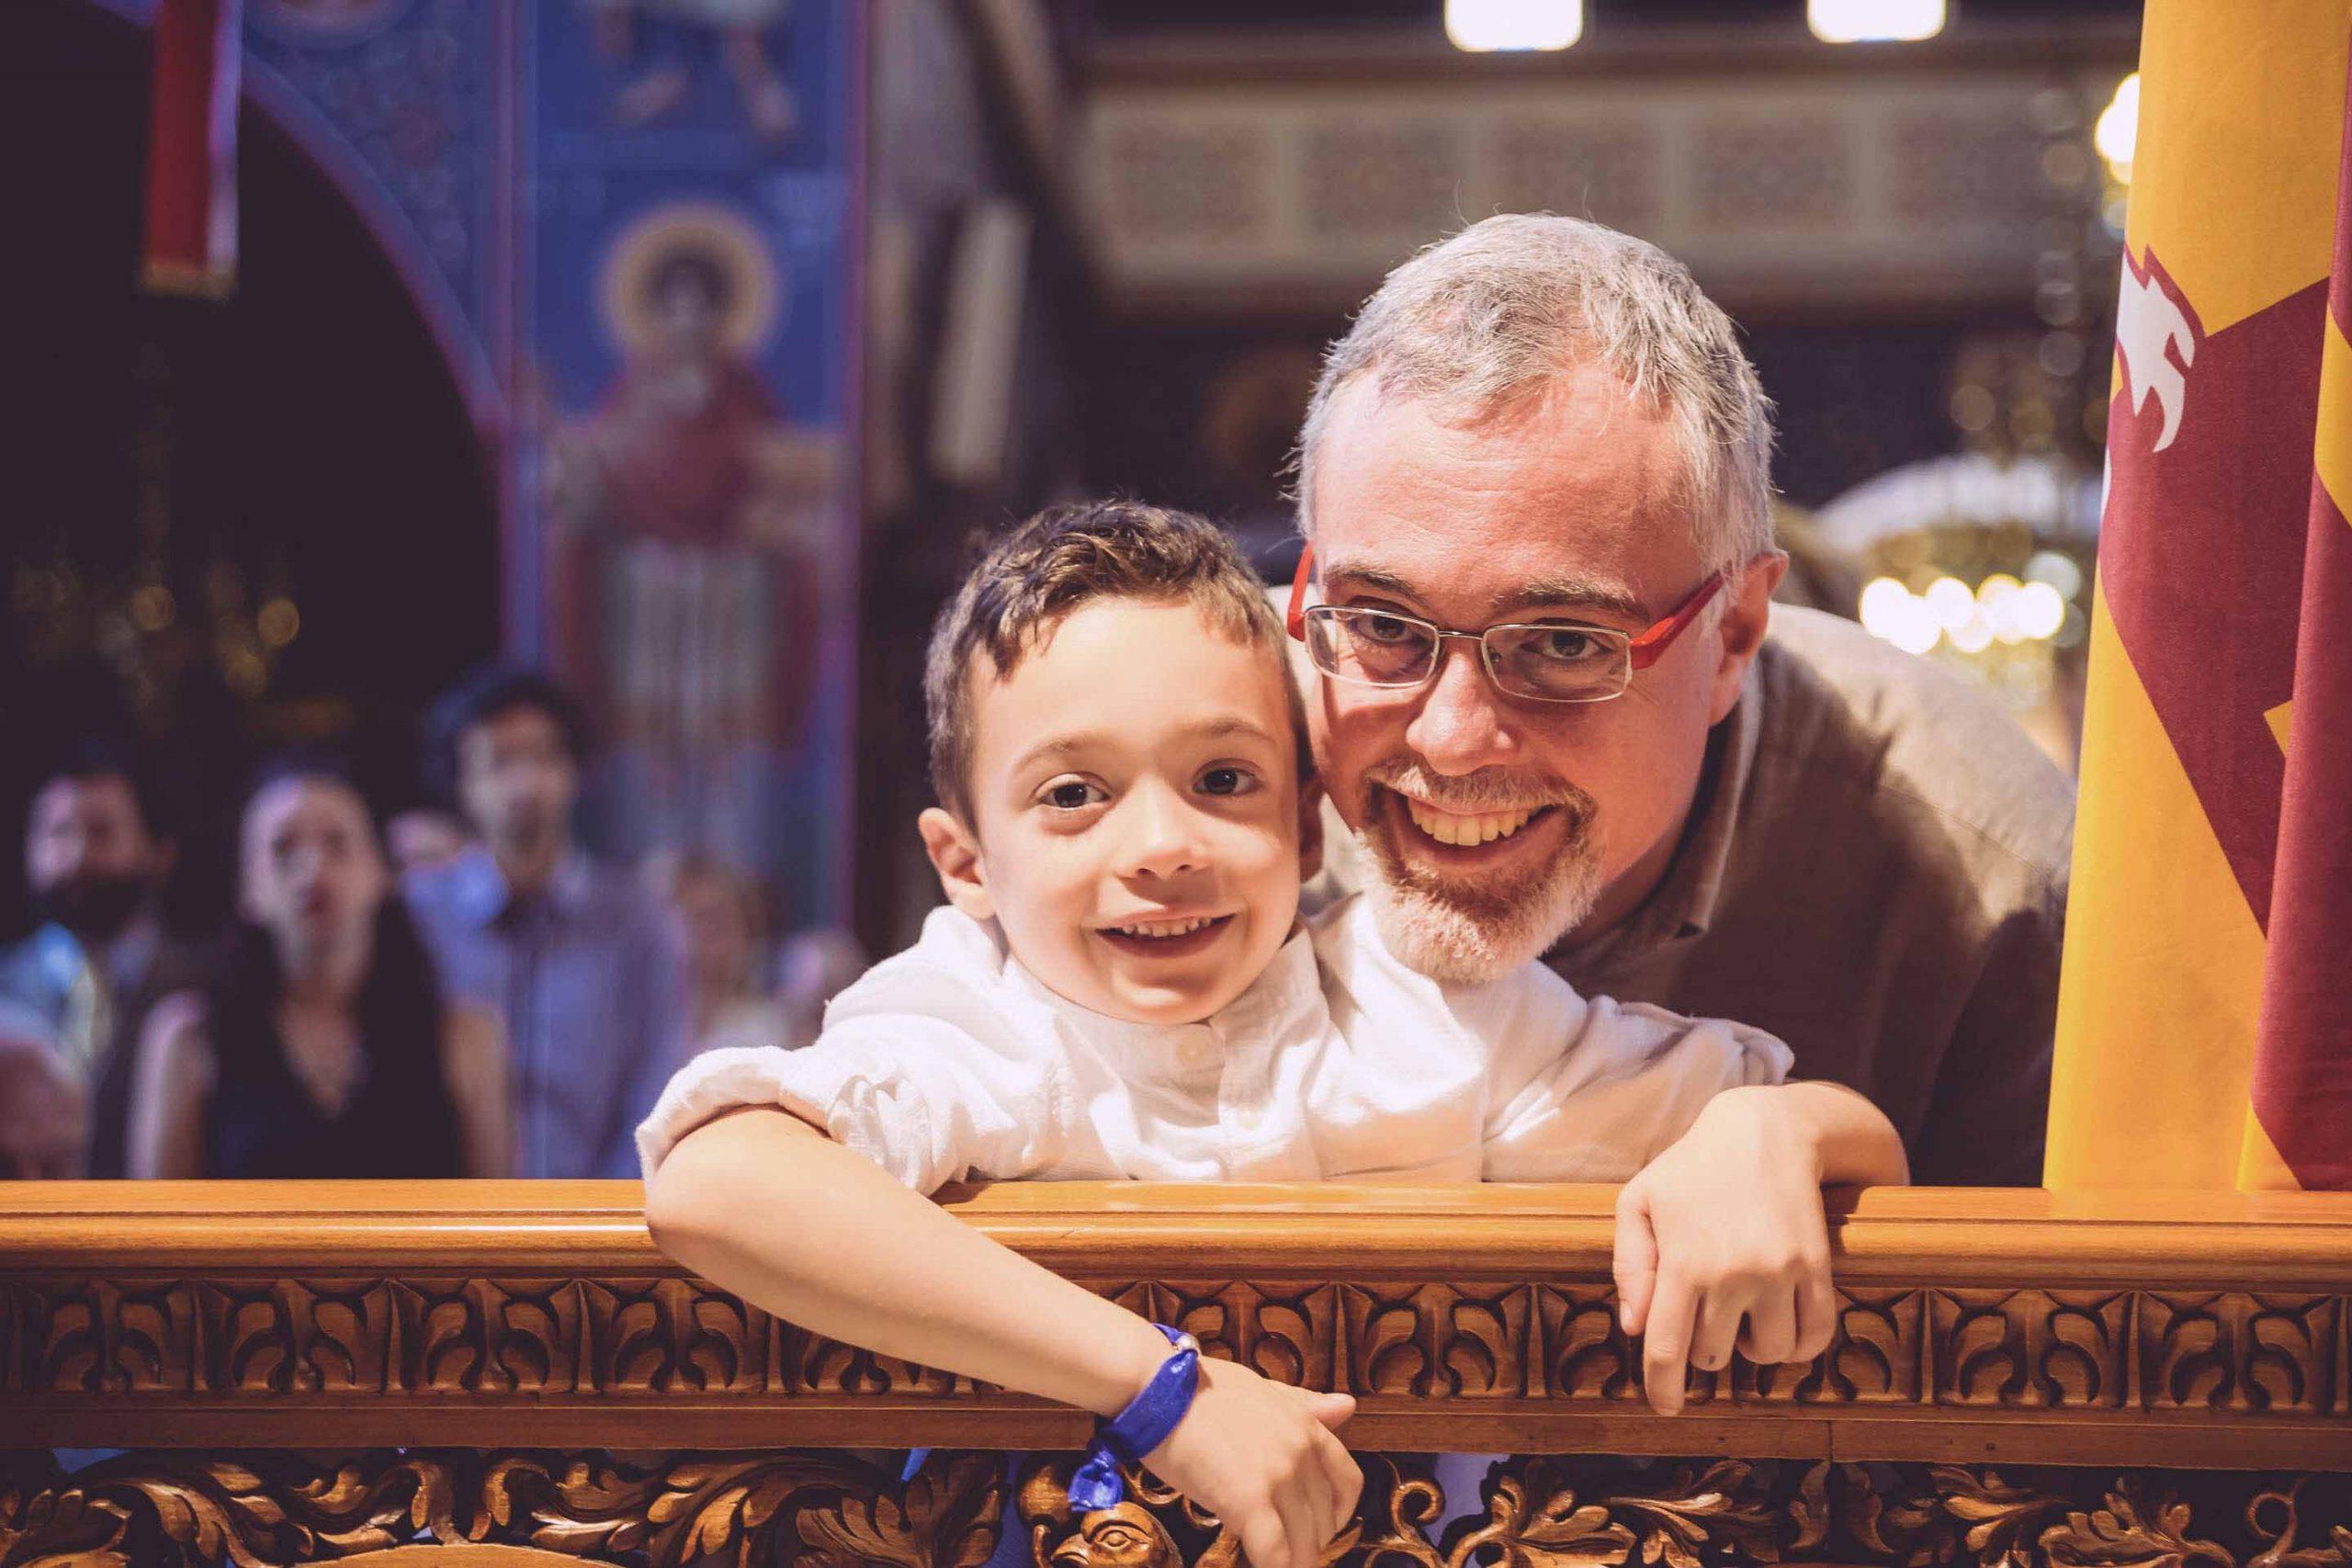 210 PhotoVaptisisvaptisi agia triada kifisia vaptisi kifisia fotografos vaptisis vaptistika moro agoraki vaptisi morou fotografos vaptisis kifisia